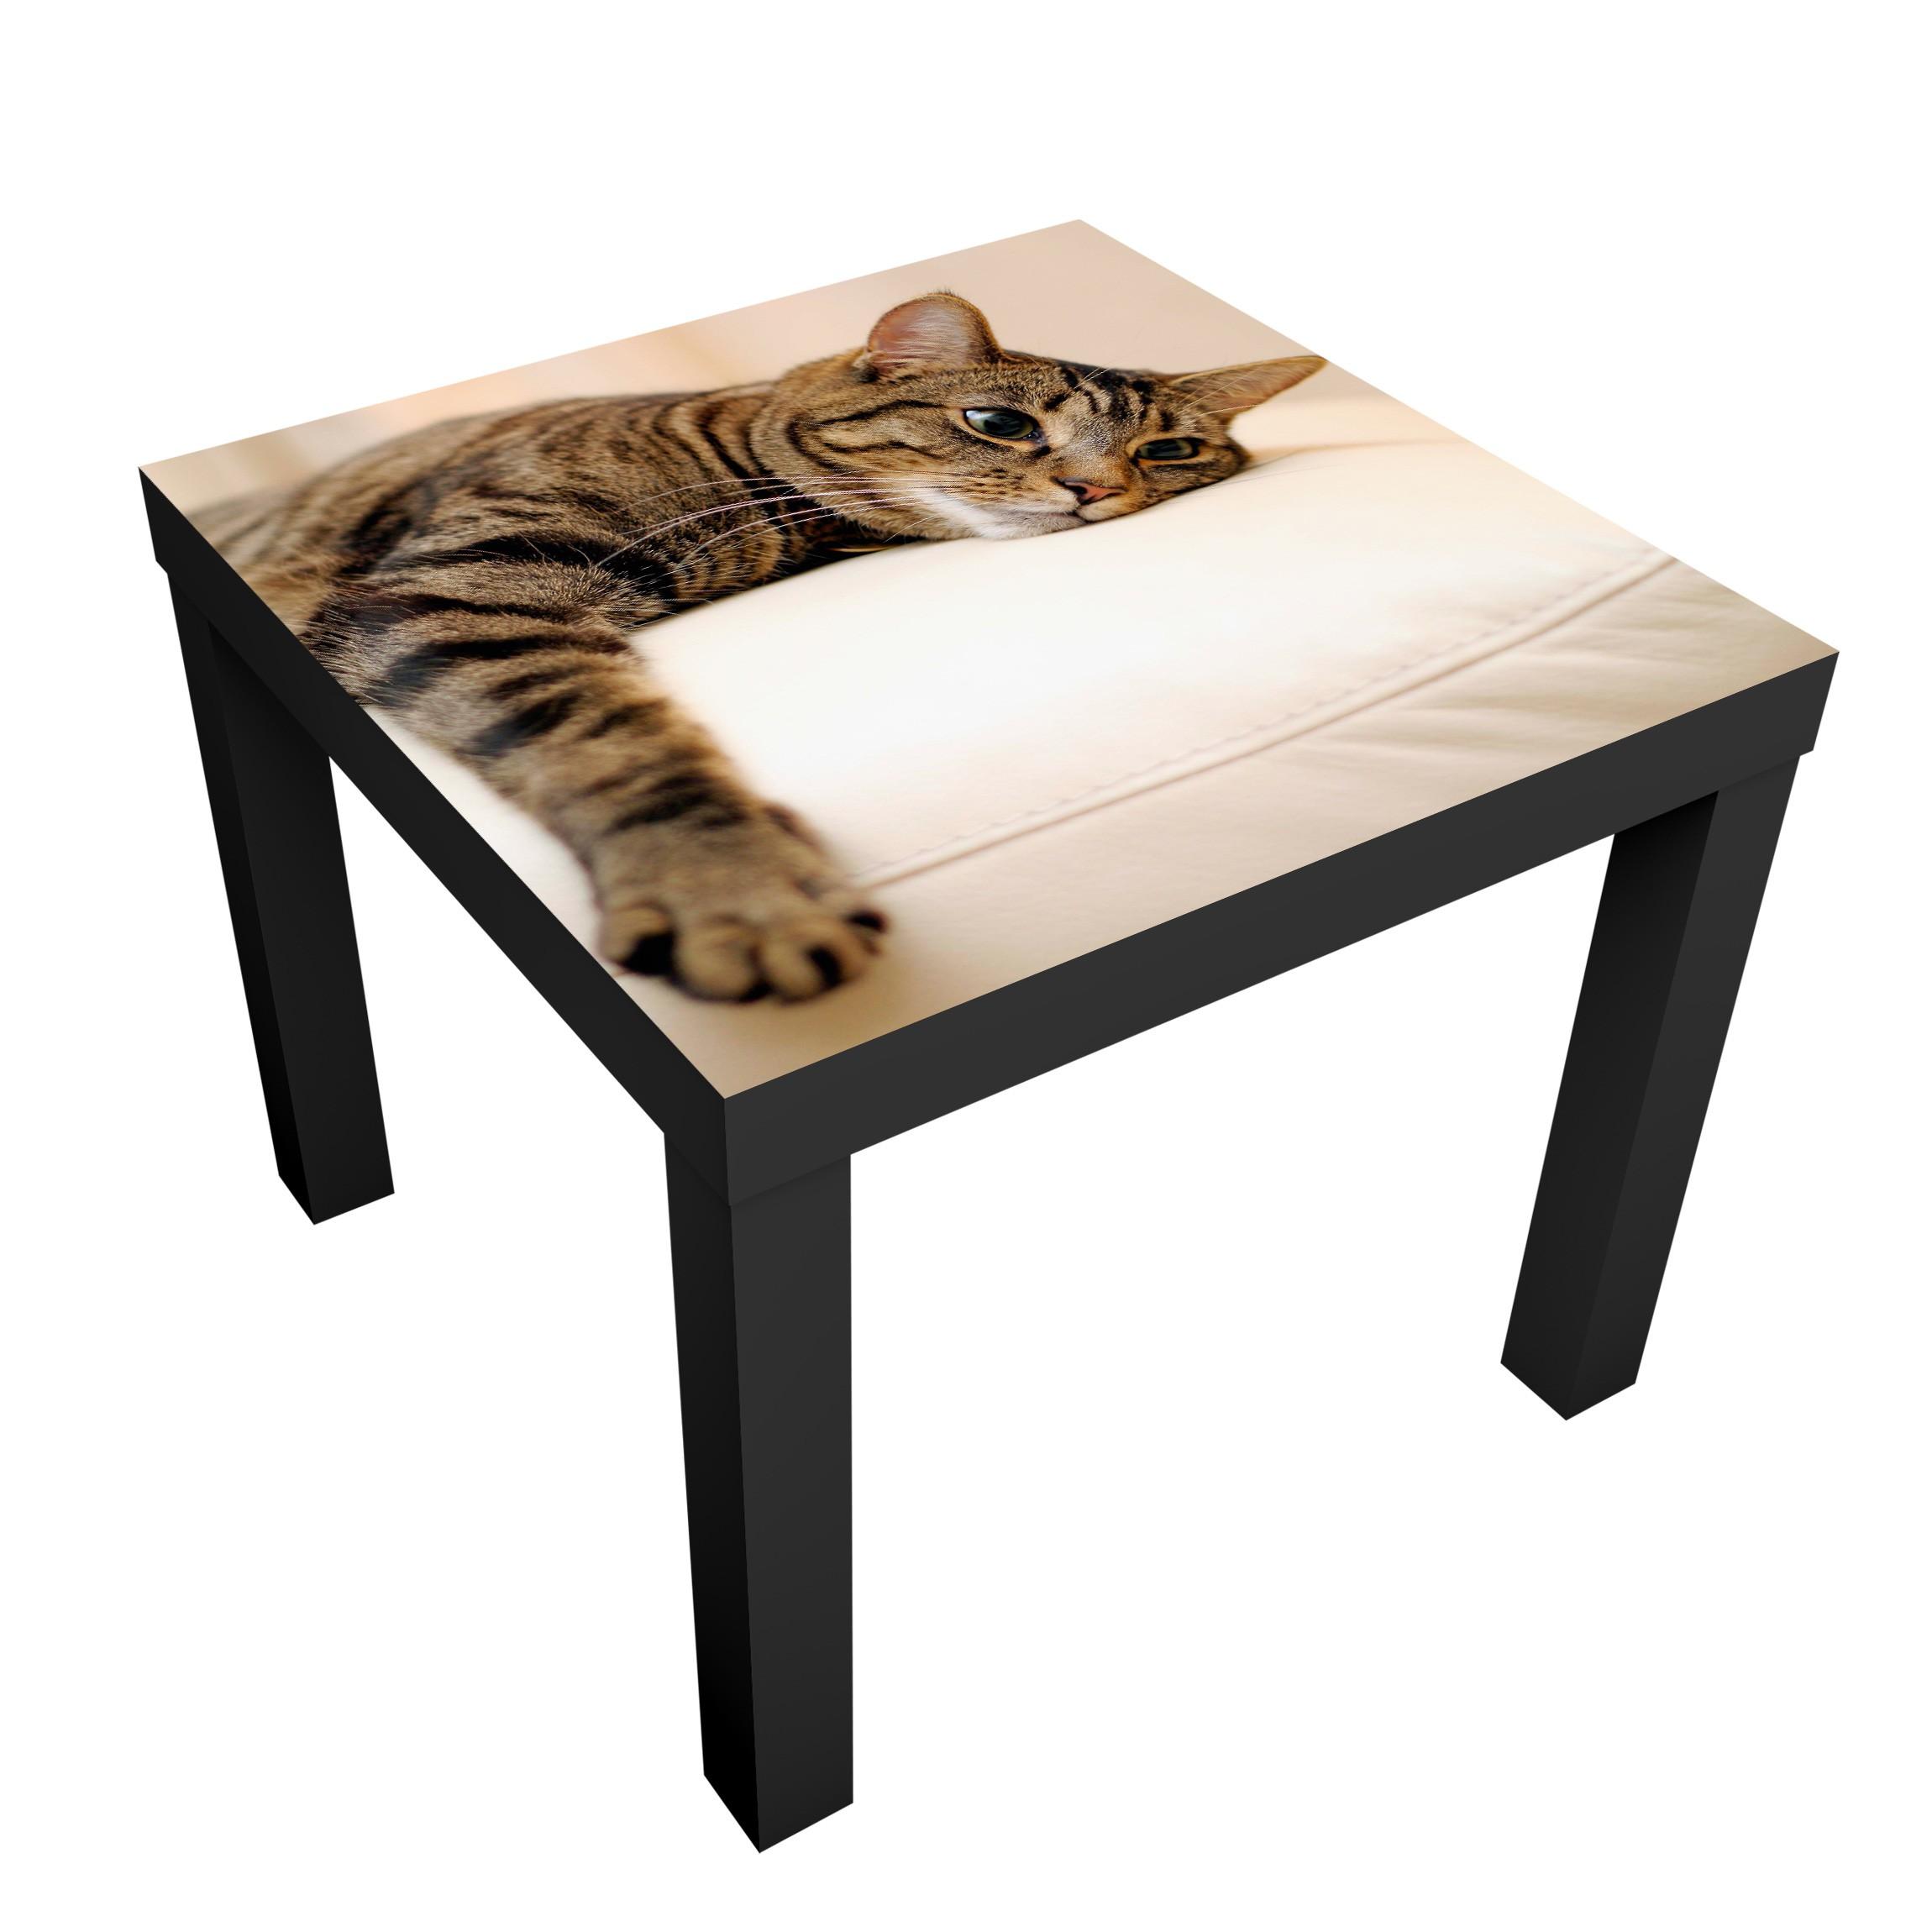 Carta adesiva per mobili ikea lack tavolino cat chill out - Carta per foderare mobili ...